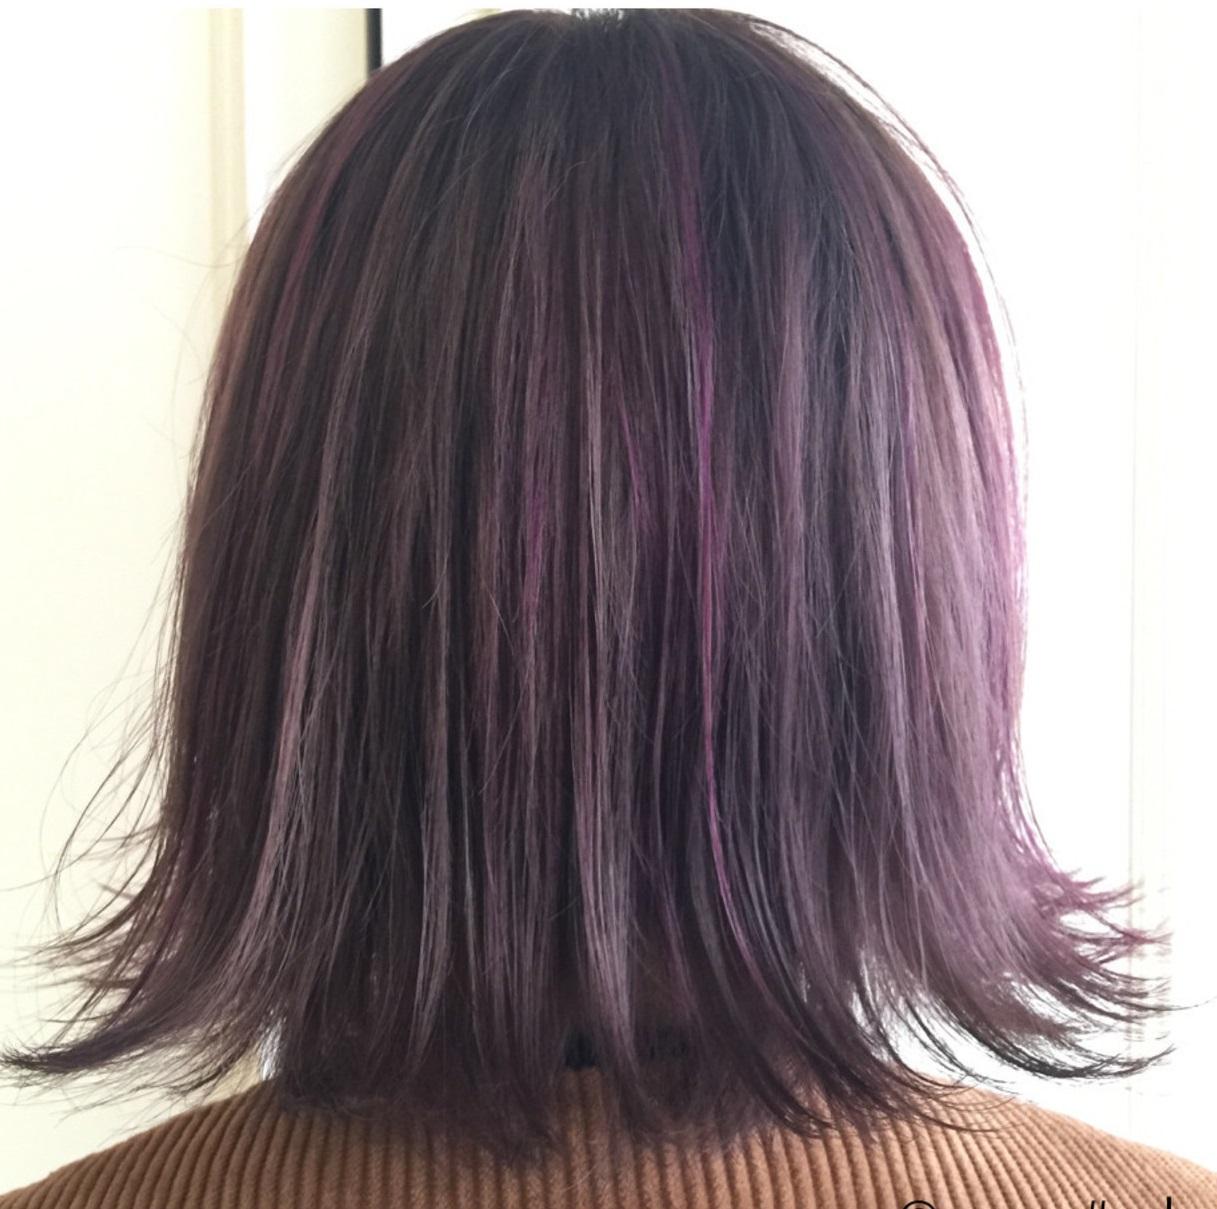 ラベンダーアッシュ&紫ヘアカラーに注目♡暗めなら色落ちもオシャレに